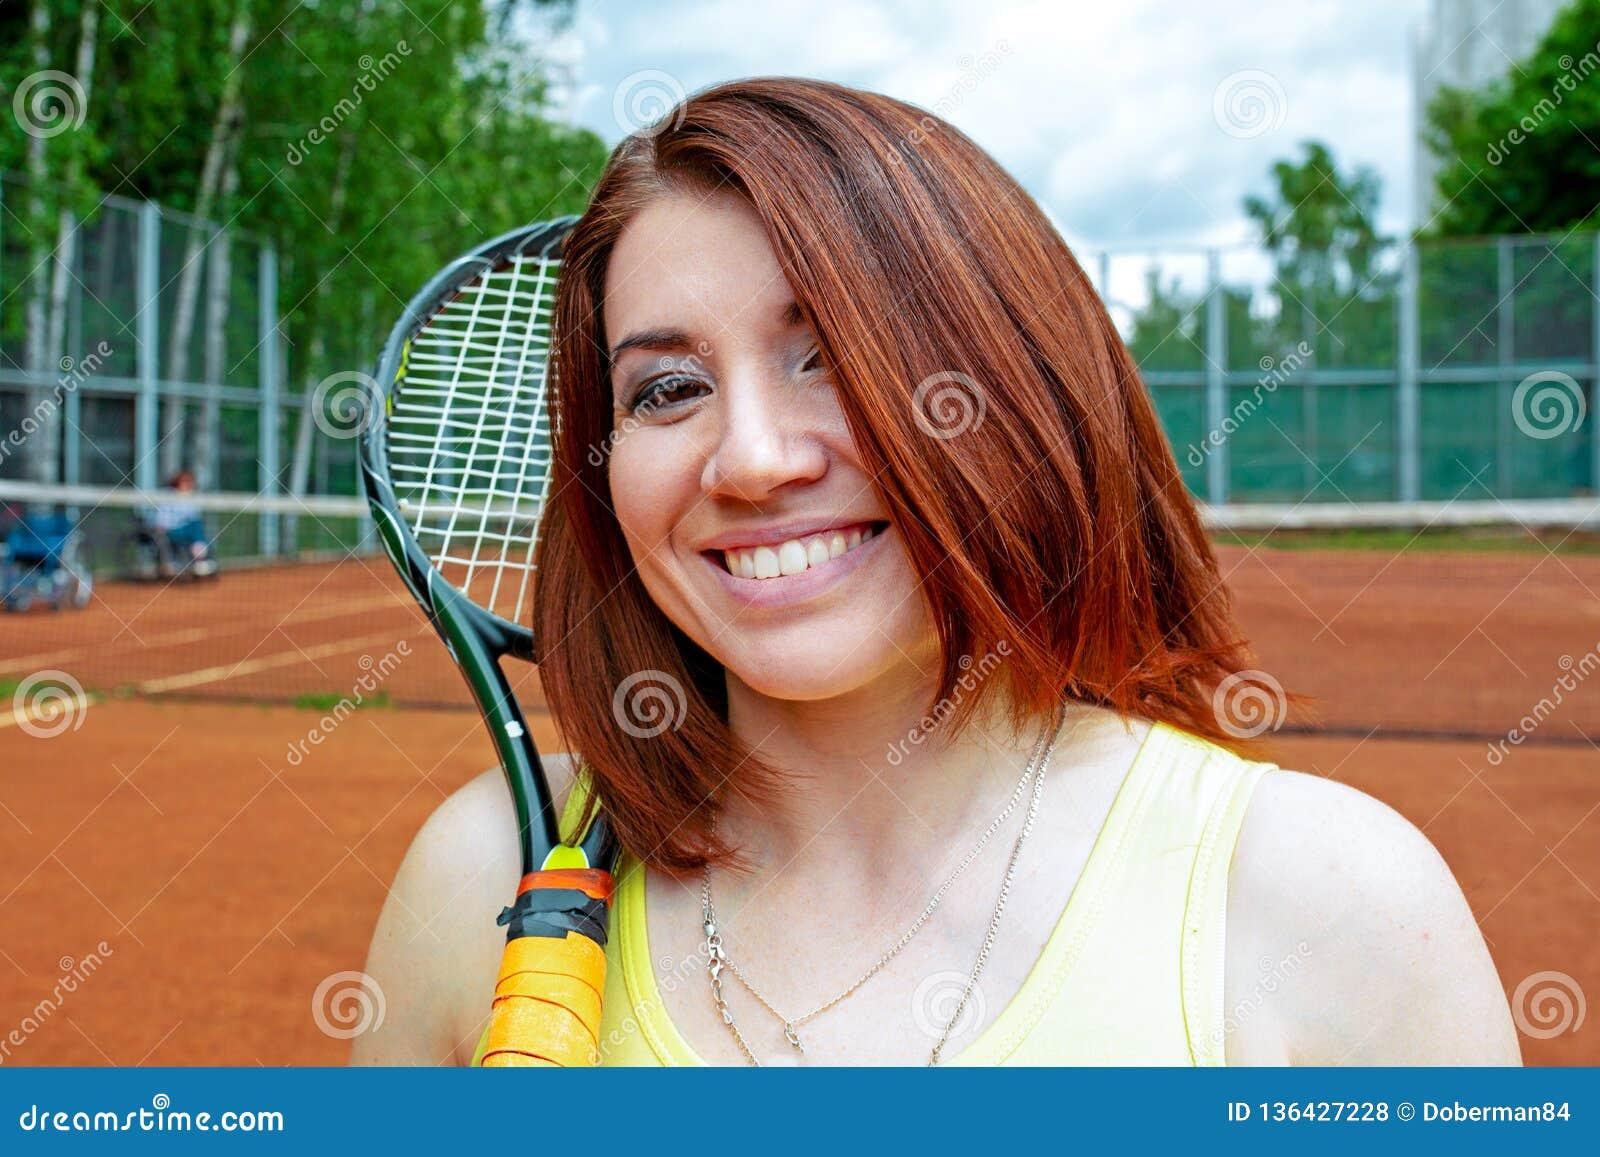 Lyckad idrottskvinna med racket på tennisbanan Sund livsstil